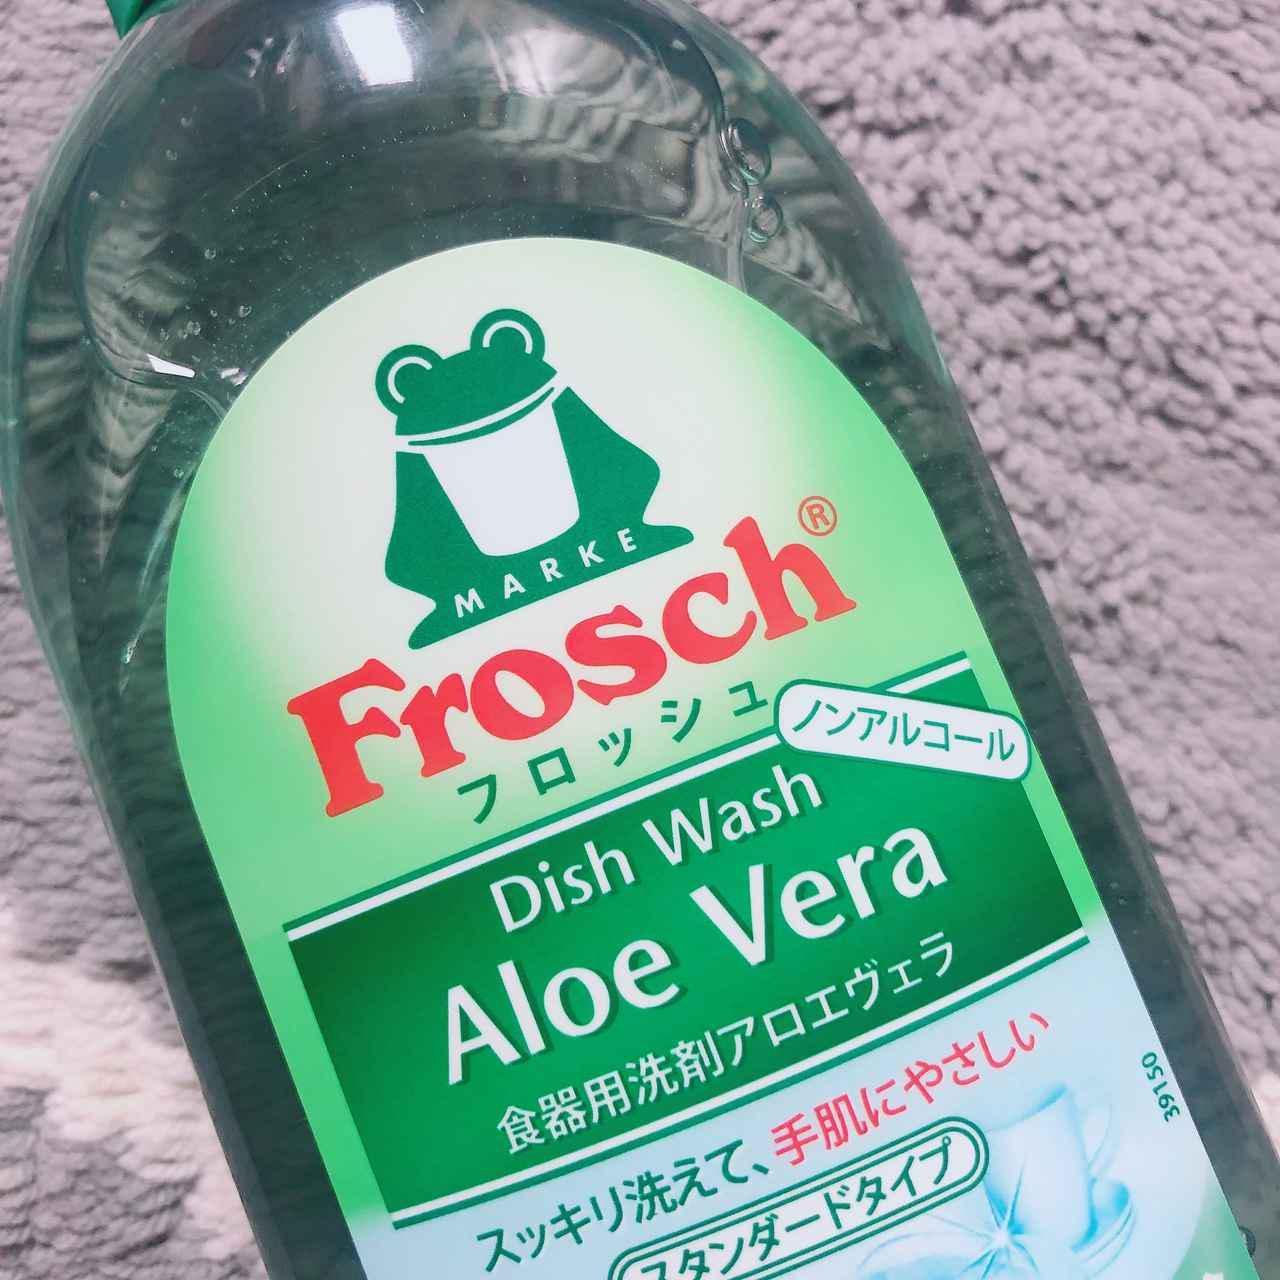 画像4: リピ5年以上!300円以下のプチプラ食器洗剤が実はすごいブランドだった件